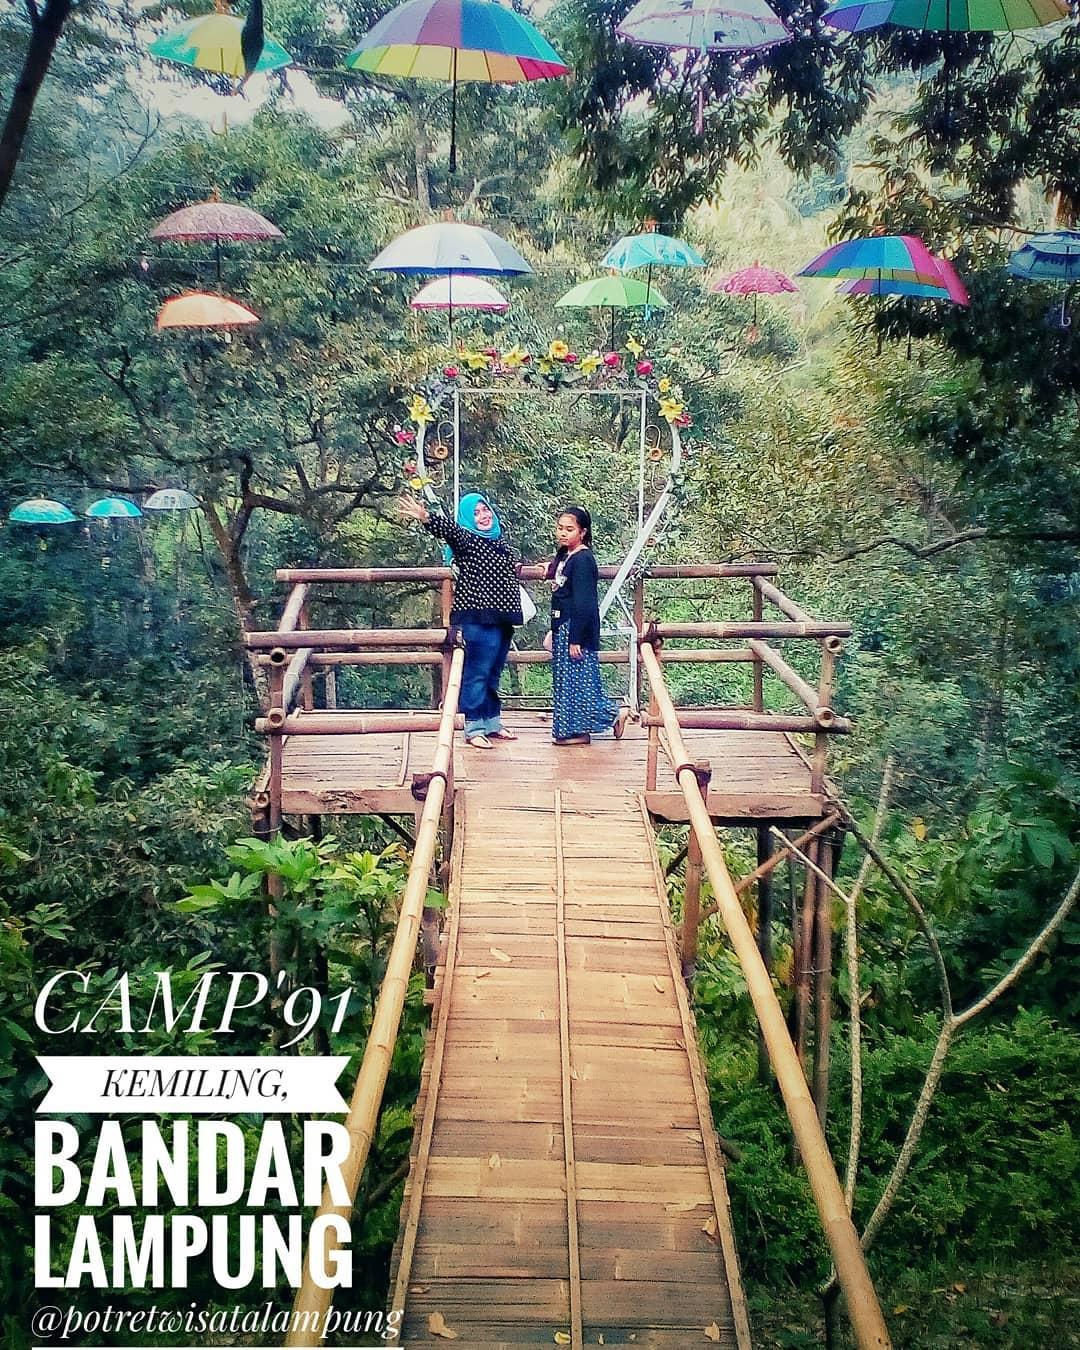 Camp 91 Bandar Lampung Kedaung Outbound